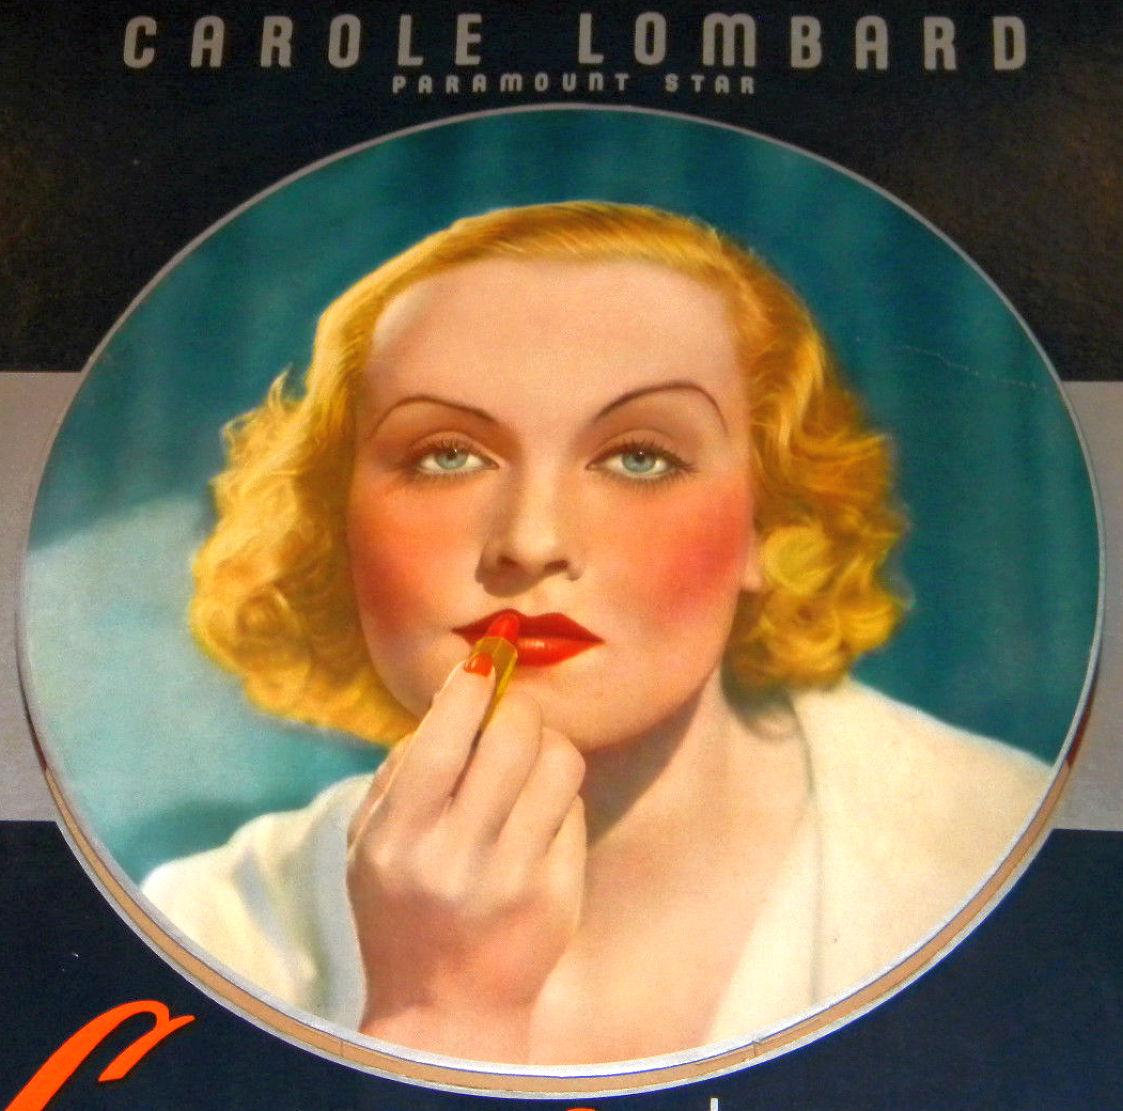 carole lombard max factor lipstick 01b